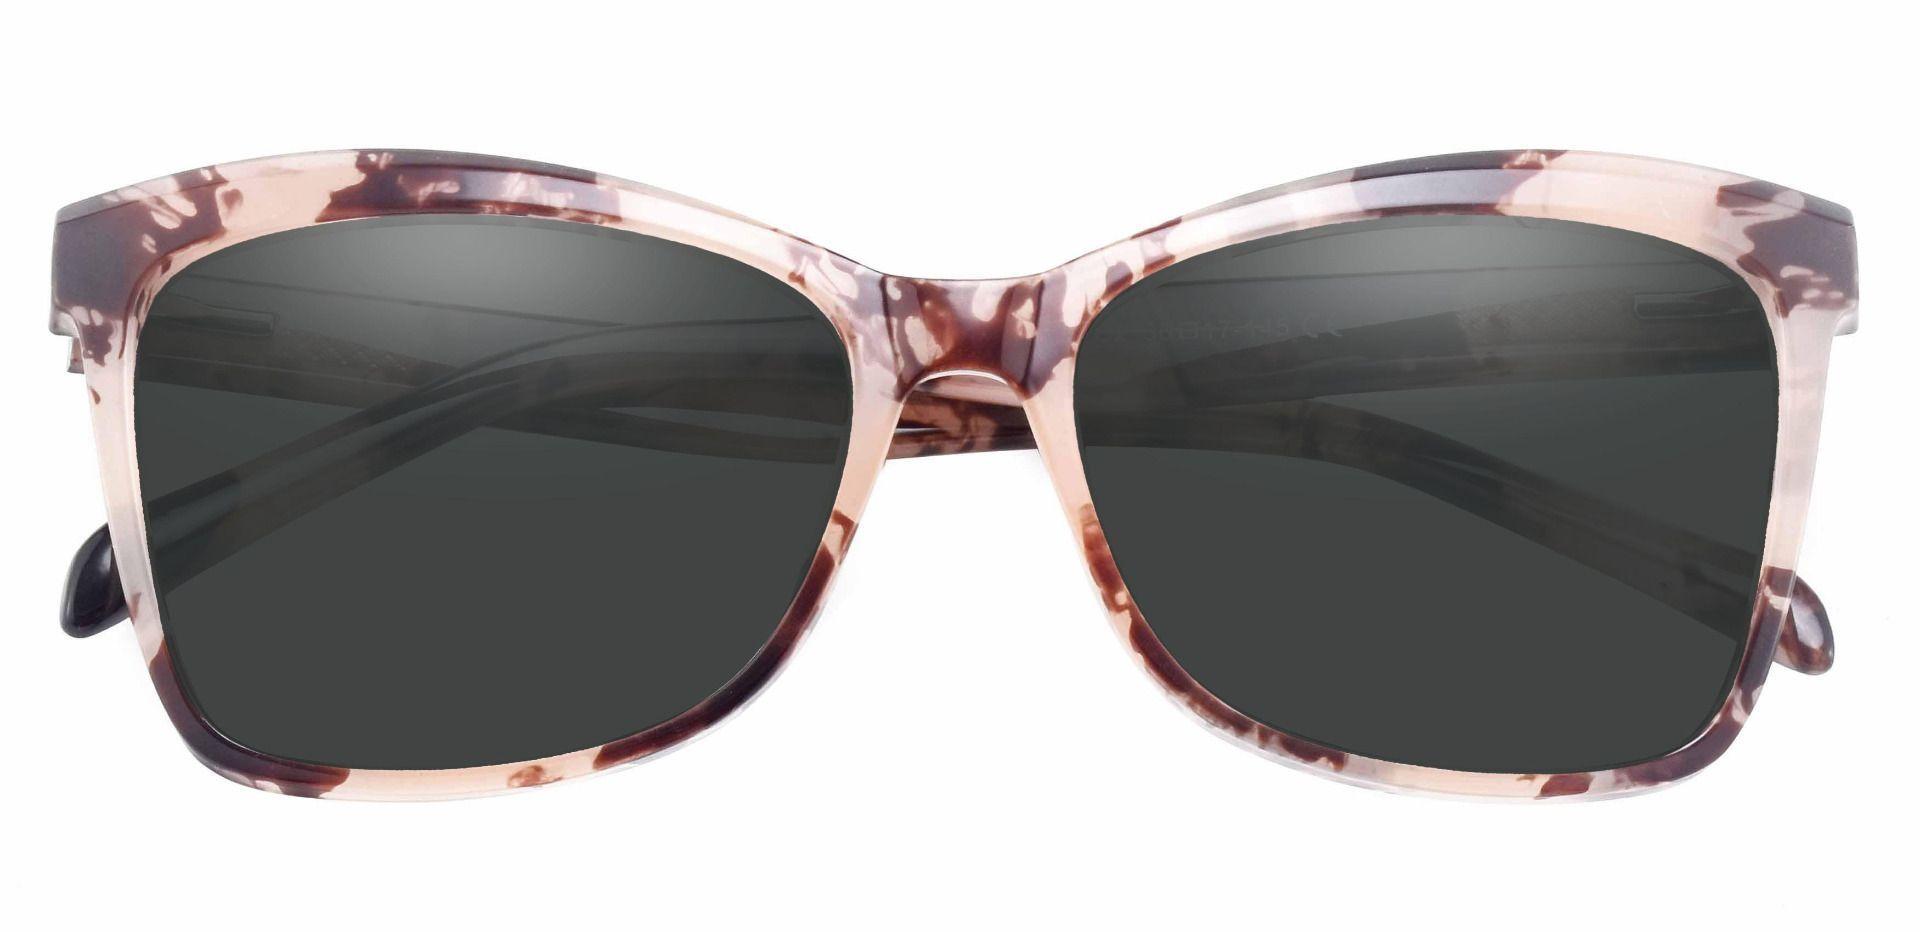 Lexi Cat Eye Prescription Sunglasses - Tortoise Frame With Gray Lenses